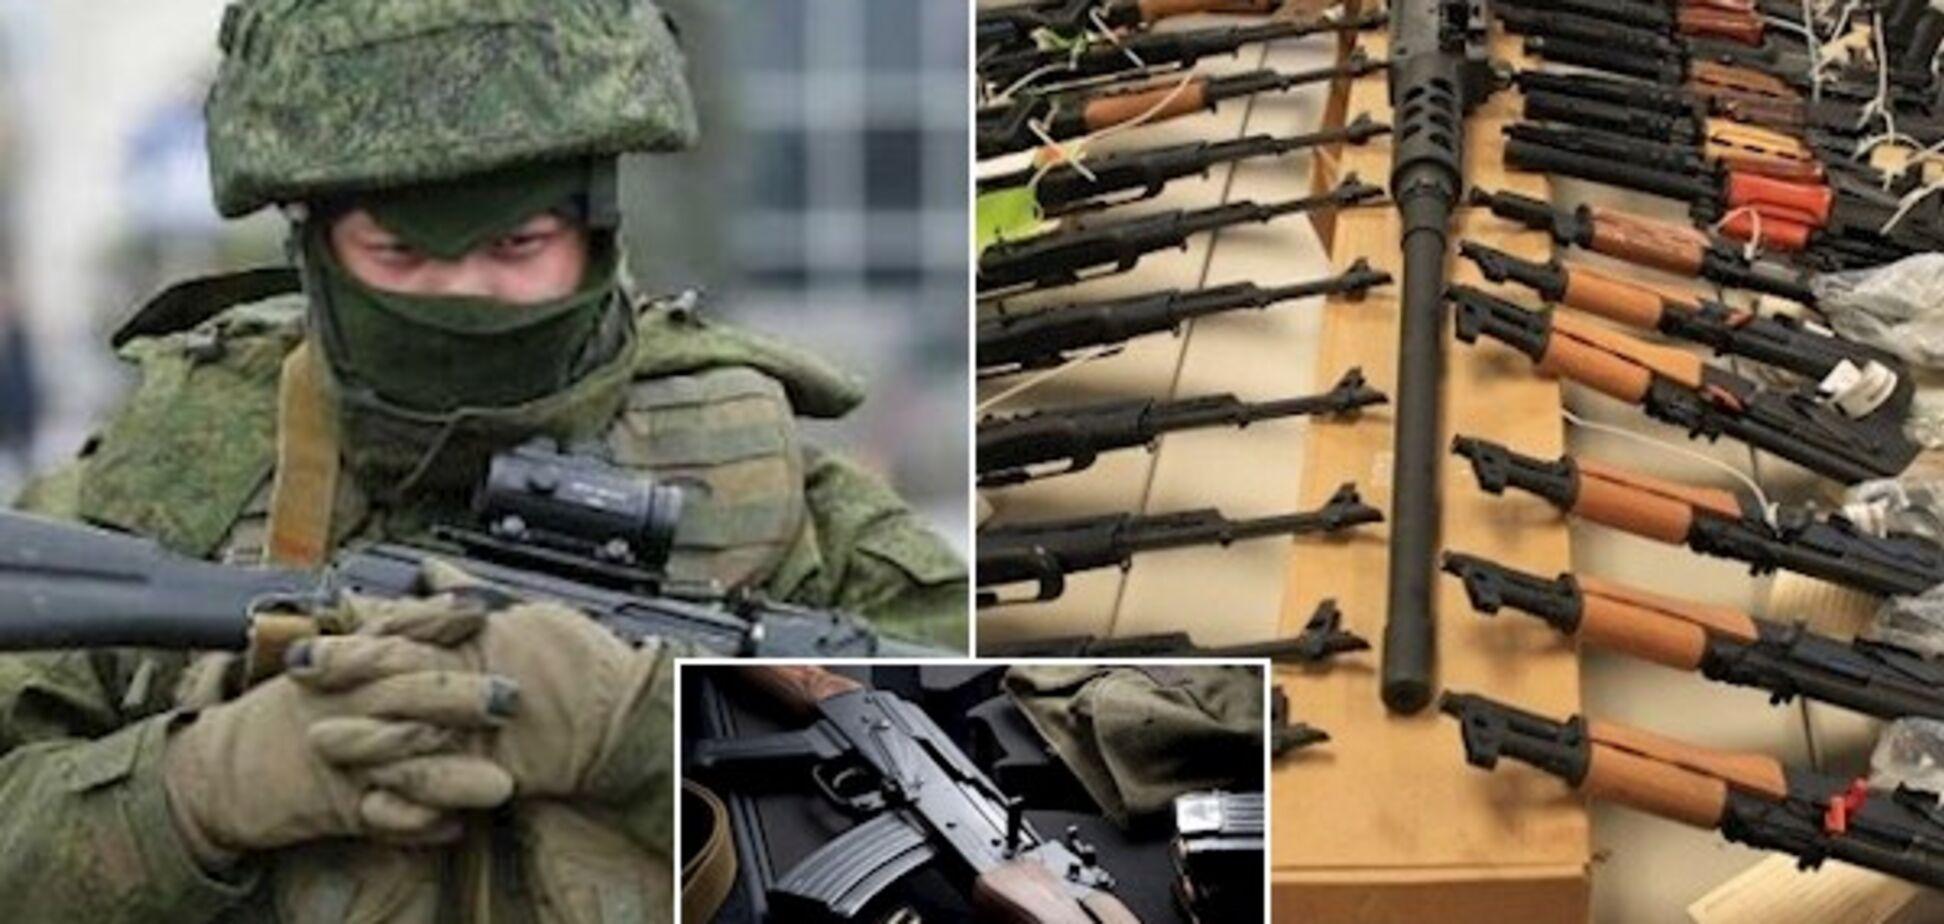 Сюрприз для 'ихтамнетов': у сторонников легализации оружия появился важный аргумент